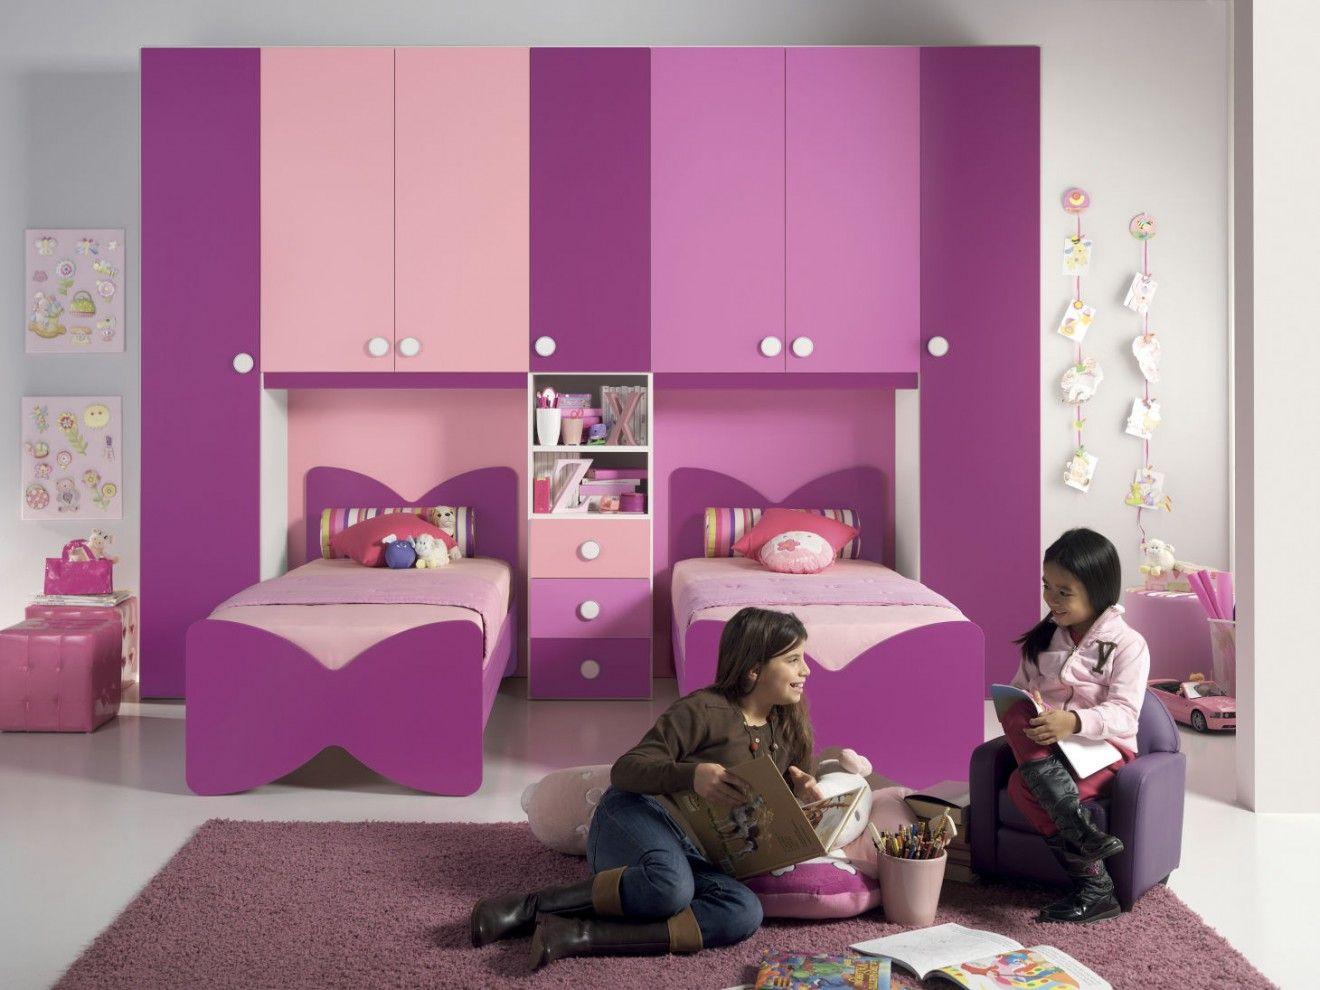 Mancini Camerette ~ Cameretta a ponte barbara #camerette #bedroom #design #furnishing